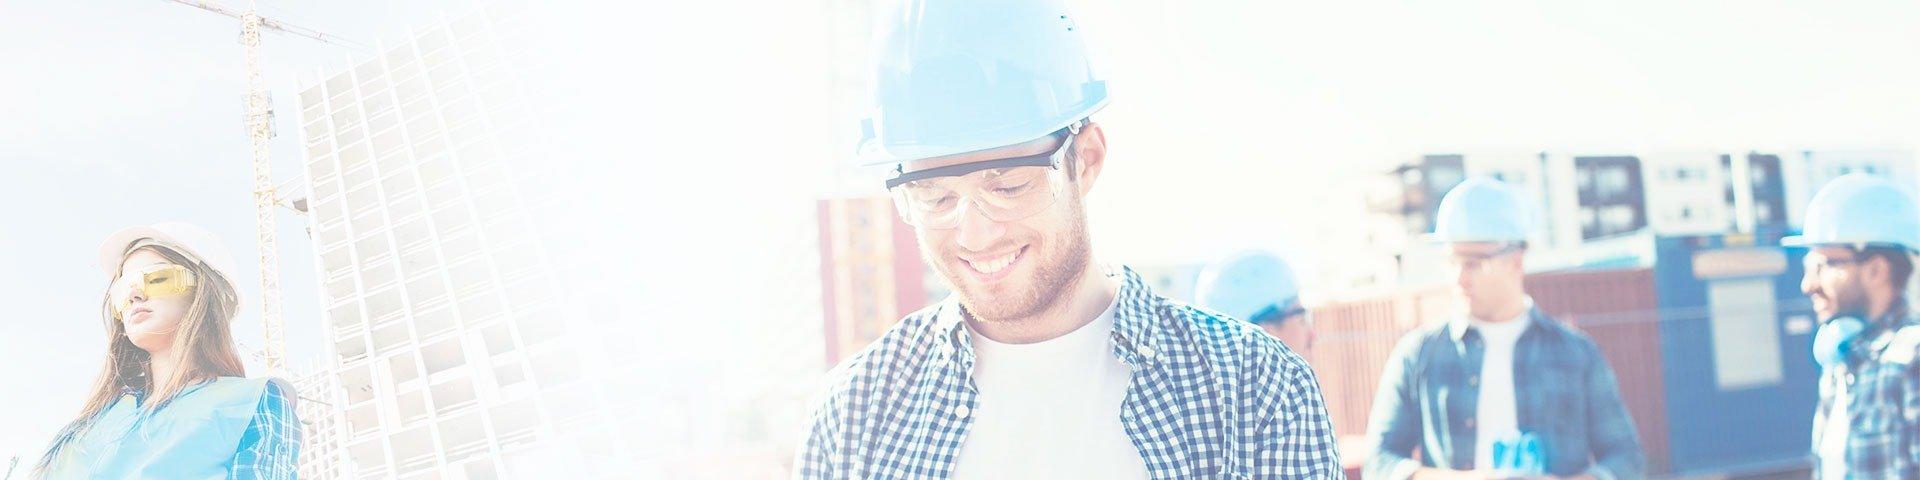 trabalhador sorridente com capacete azul e grua ao fundo